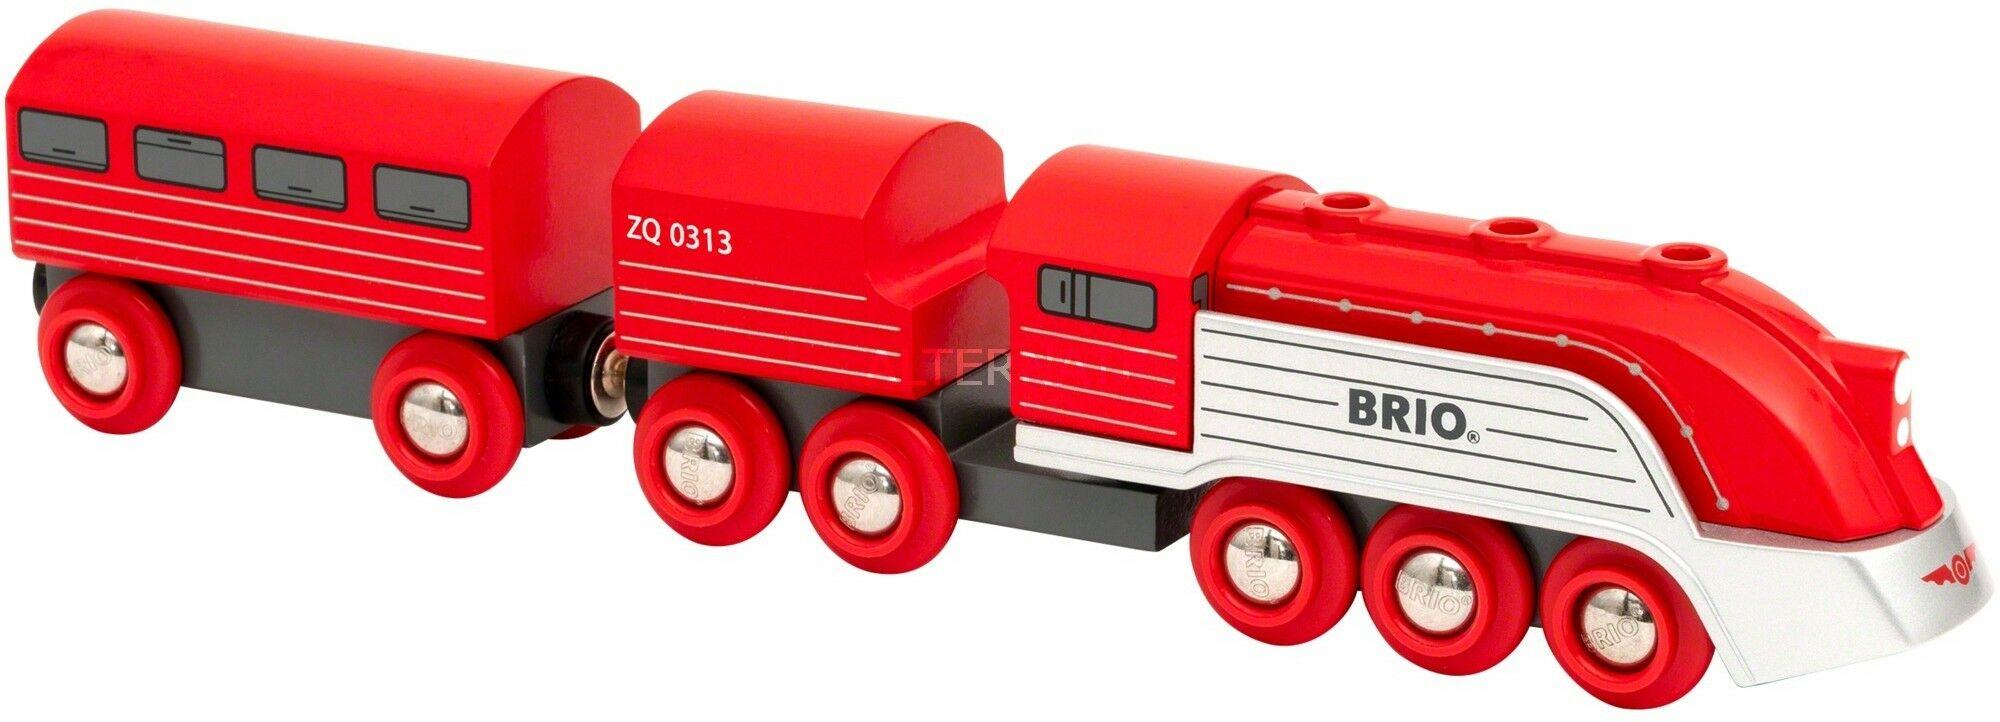 BRIO - Brio World Futurystyczny Pociąg z Wagonami